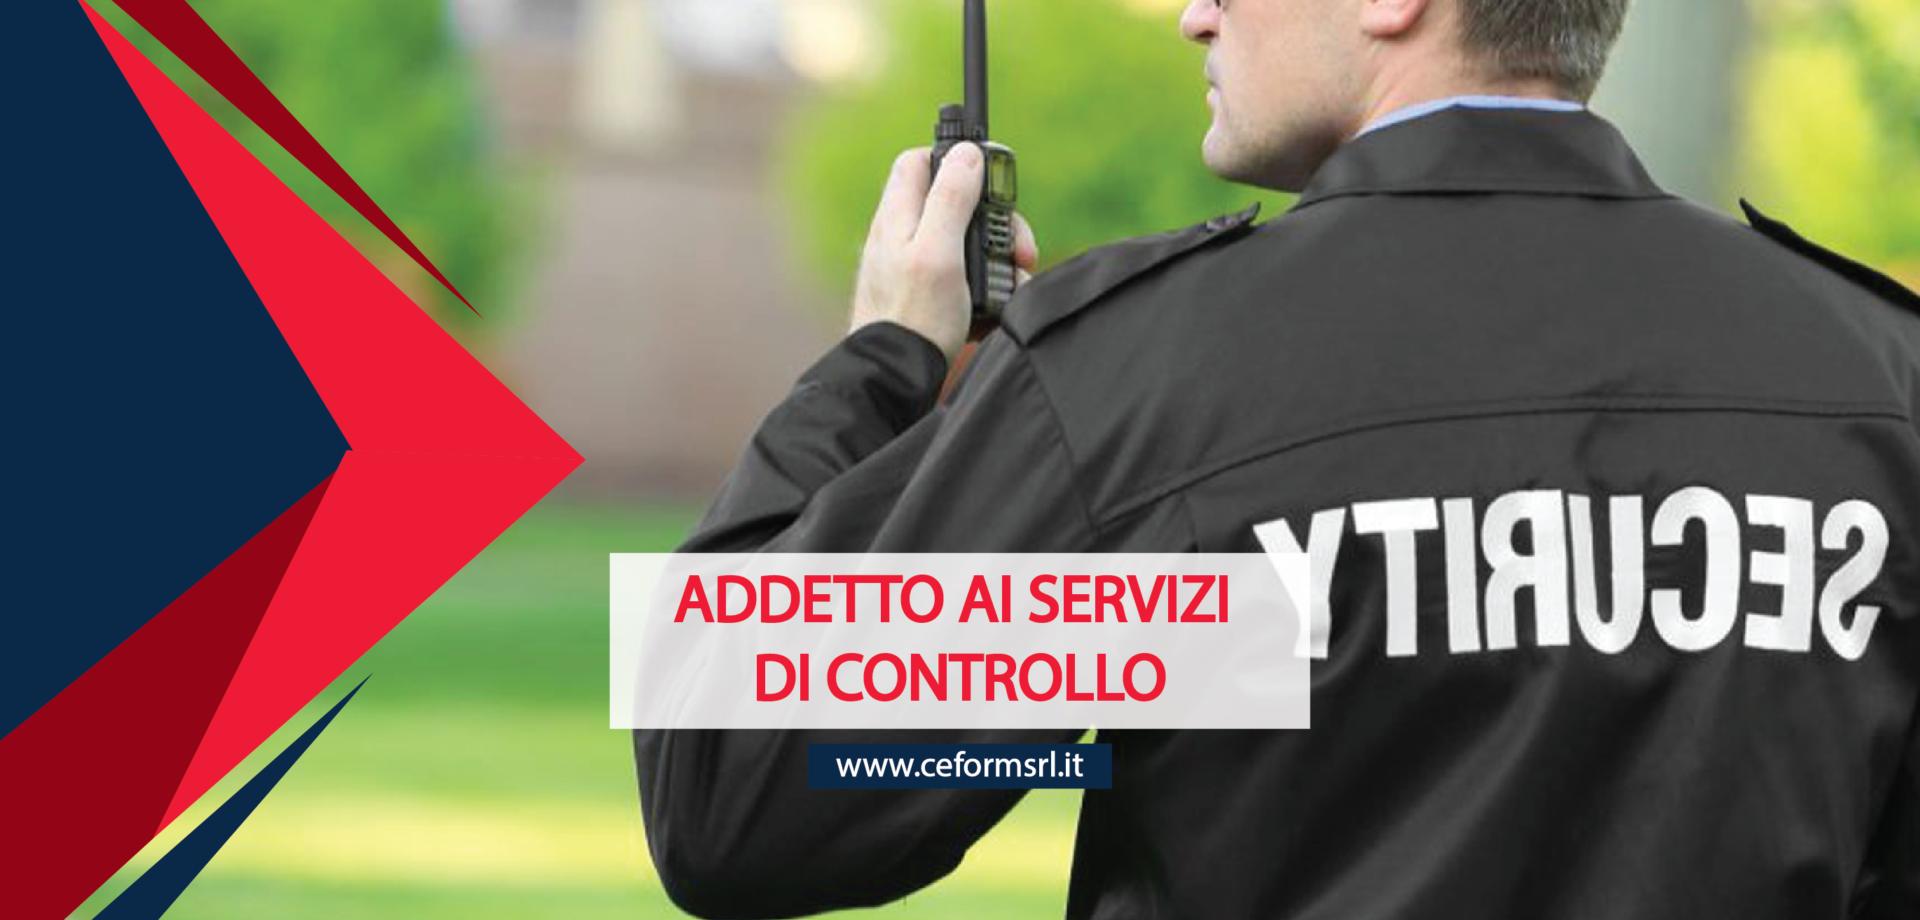 copertina_ADDETTO AI SERVIZI DI CONTROLLO-01